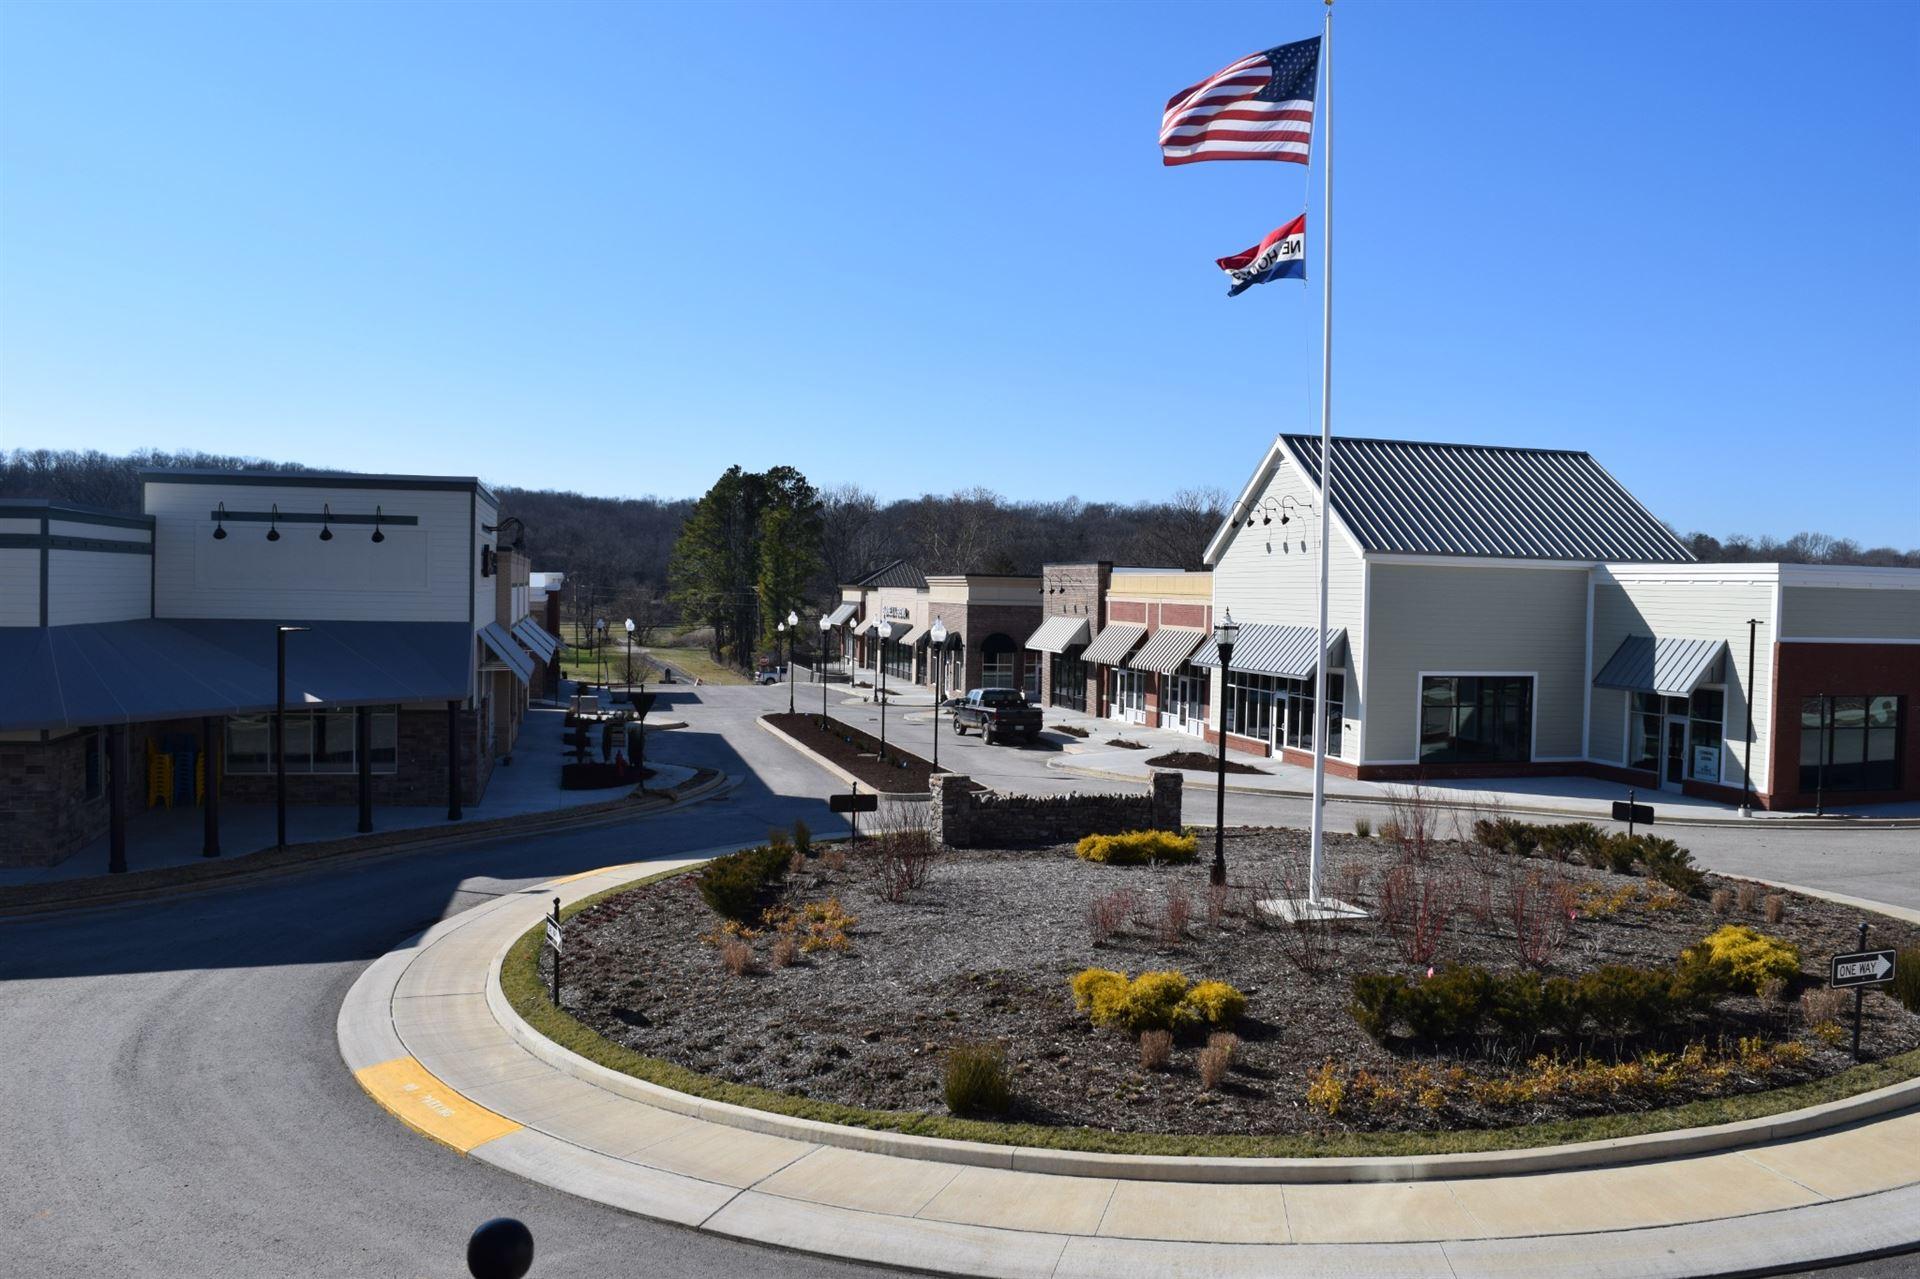 Photo of 616 Heck Ln, Nolensville, TN 37135 (MLS # 2164395)